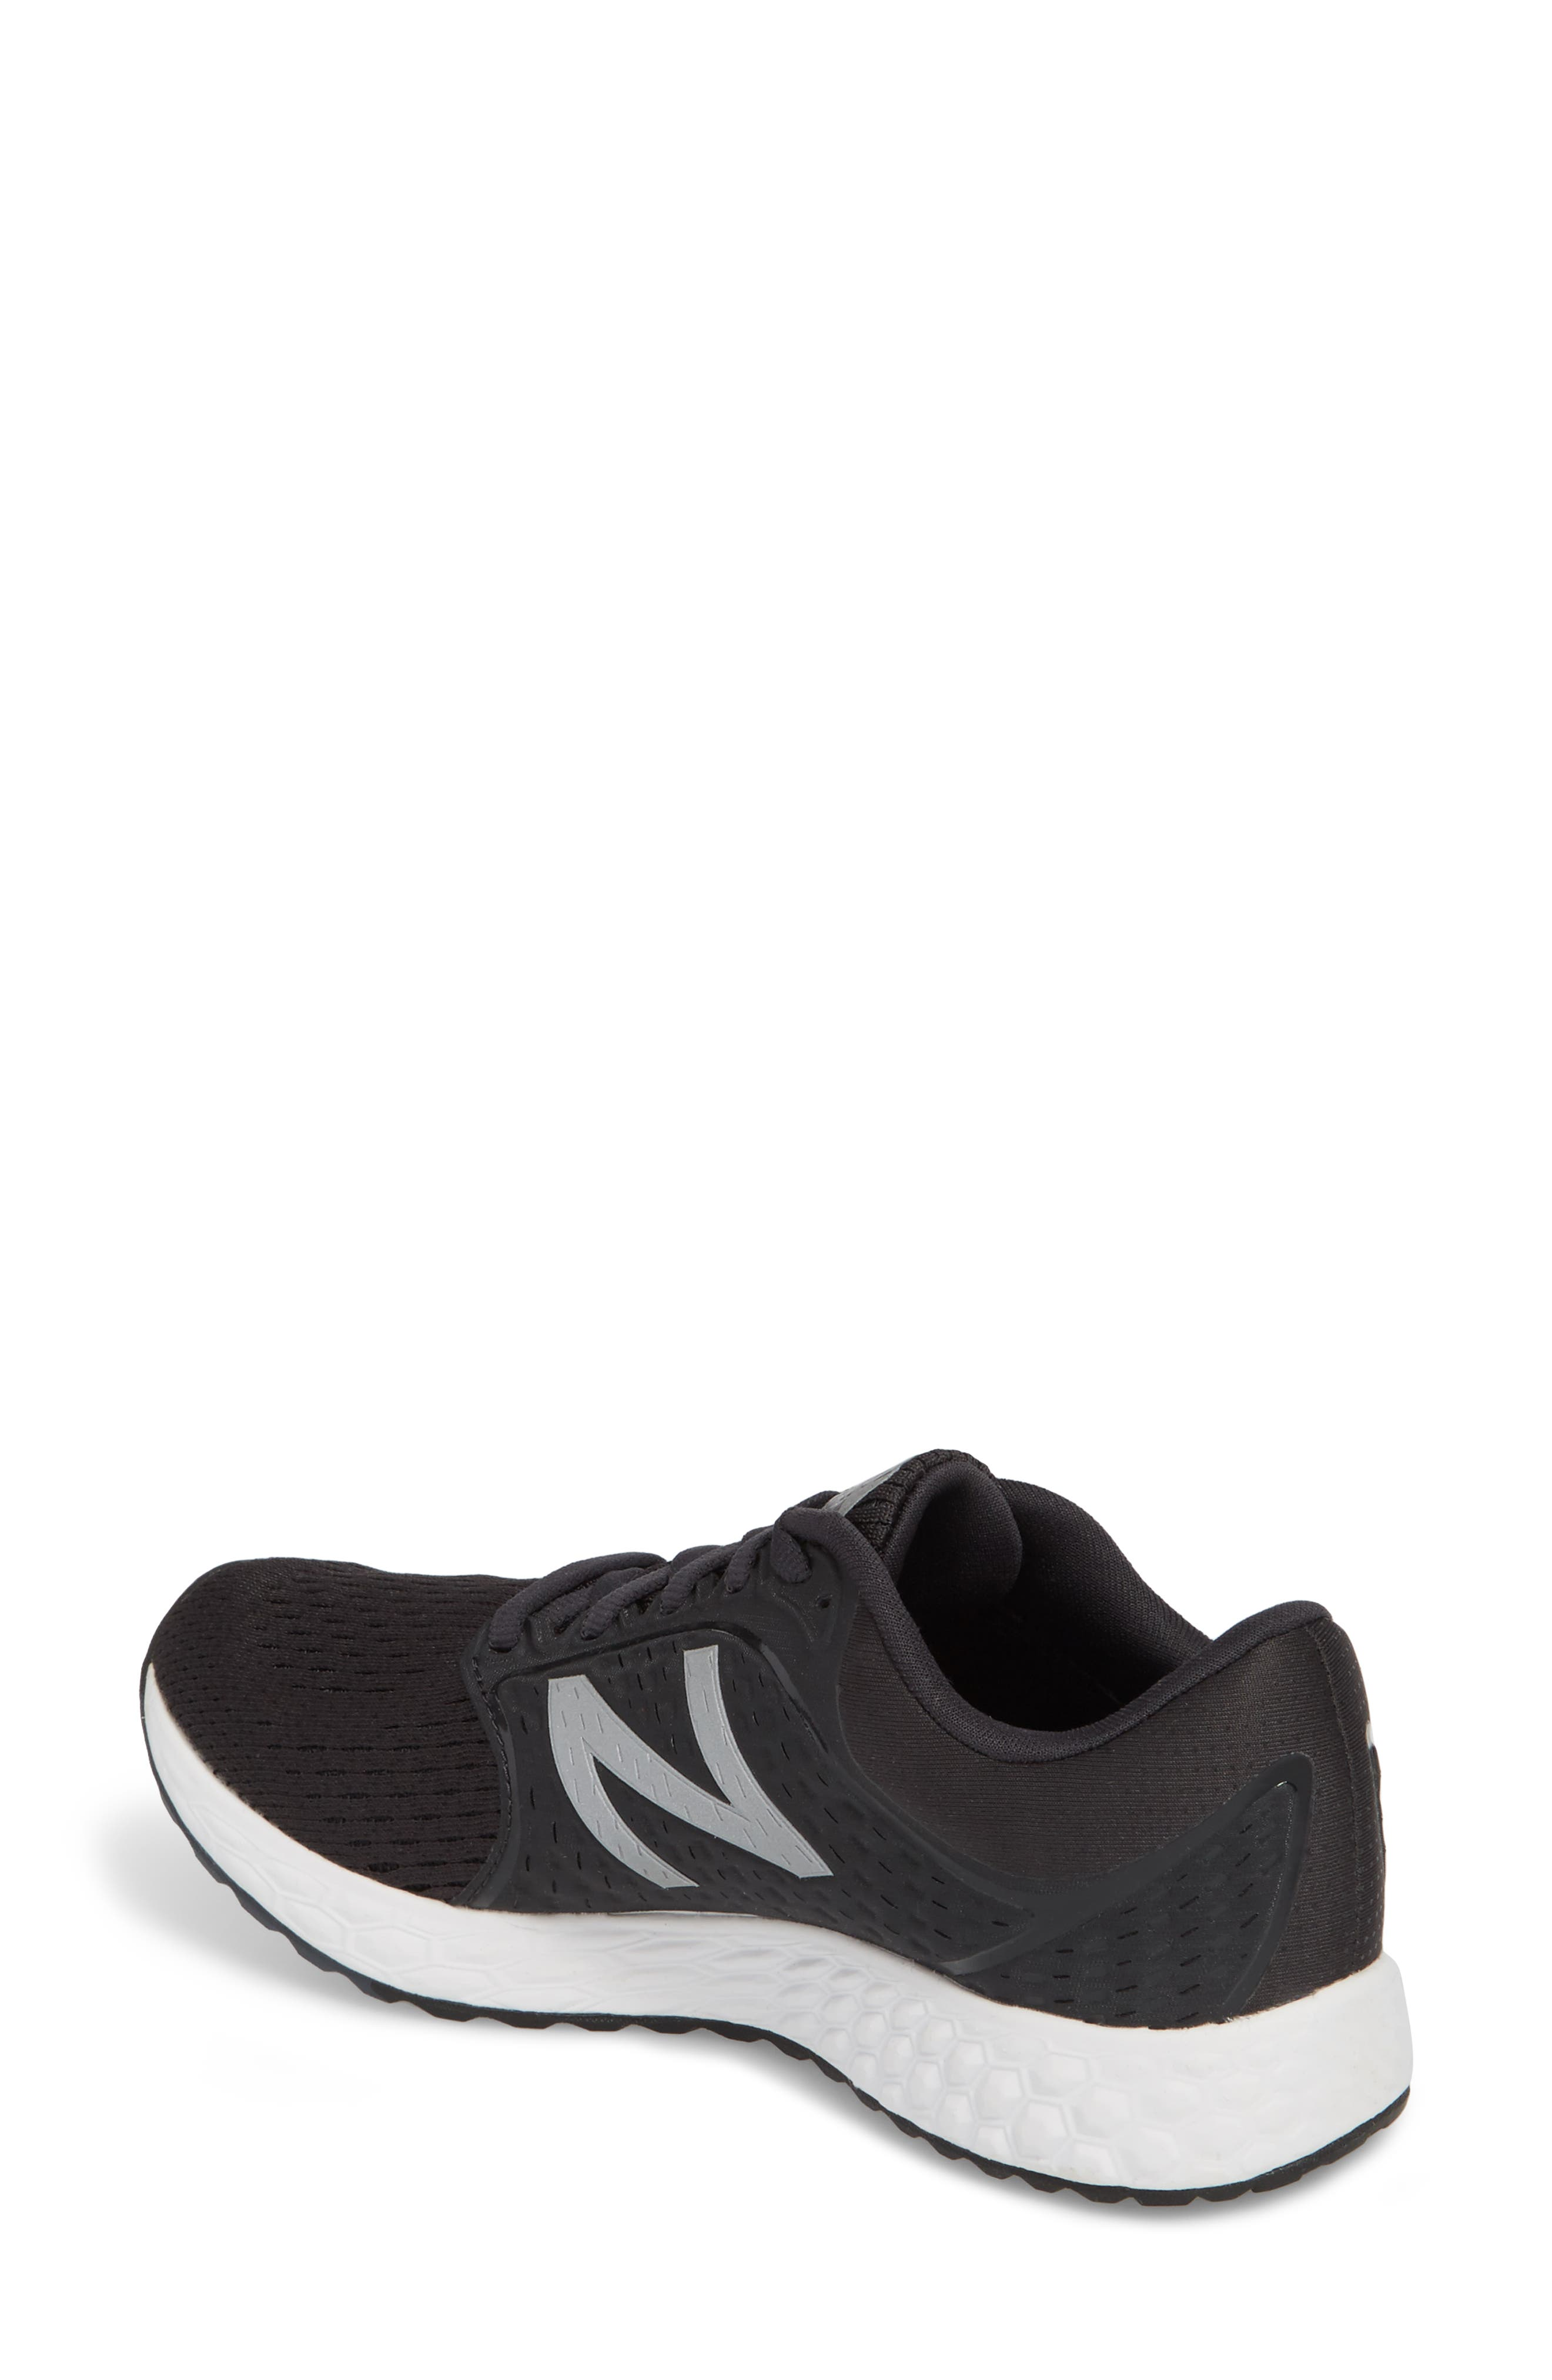 Fresh Foam Zante v4 Running Shoe,                             Alternate thumbnail 2, color,                             Black